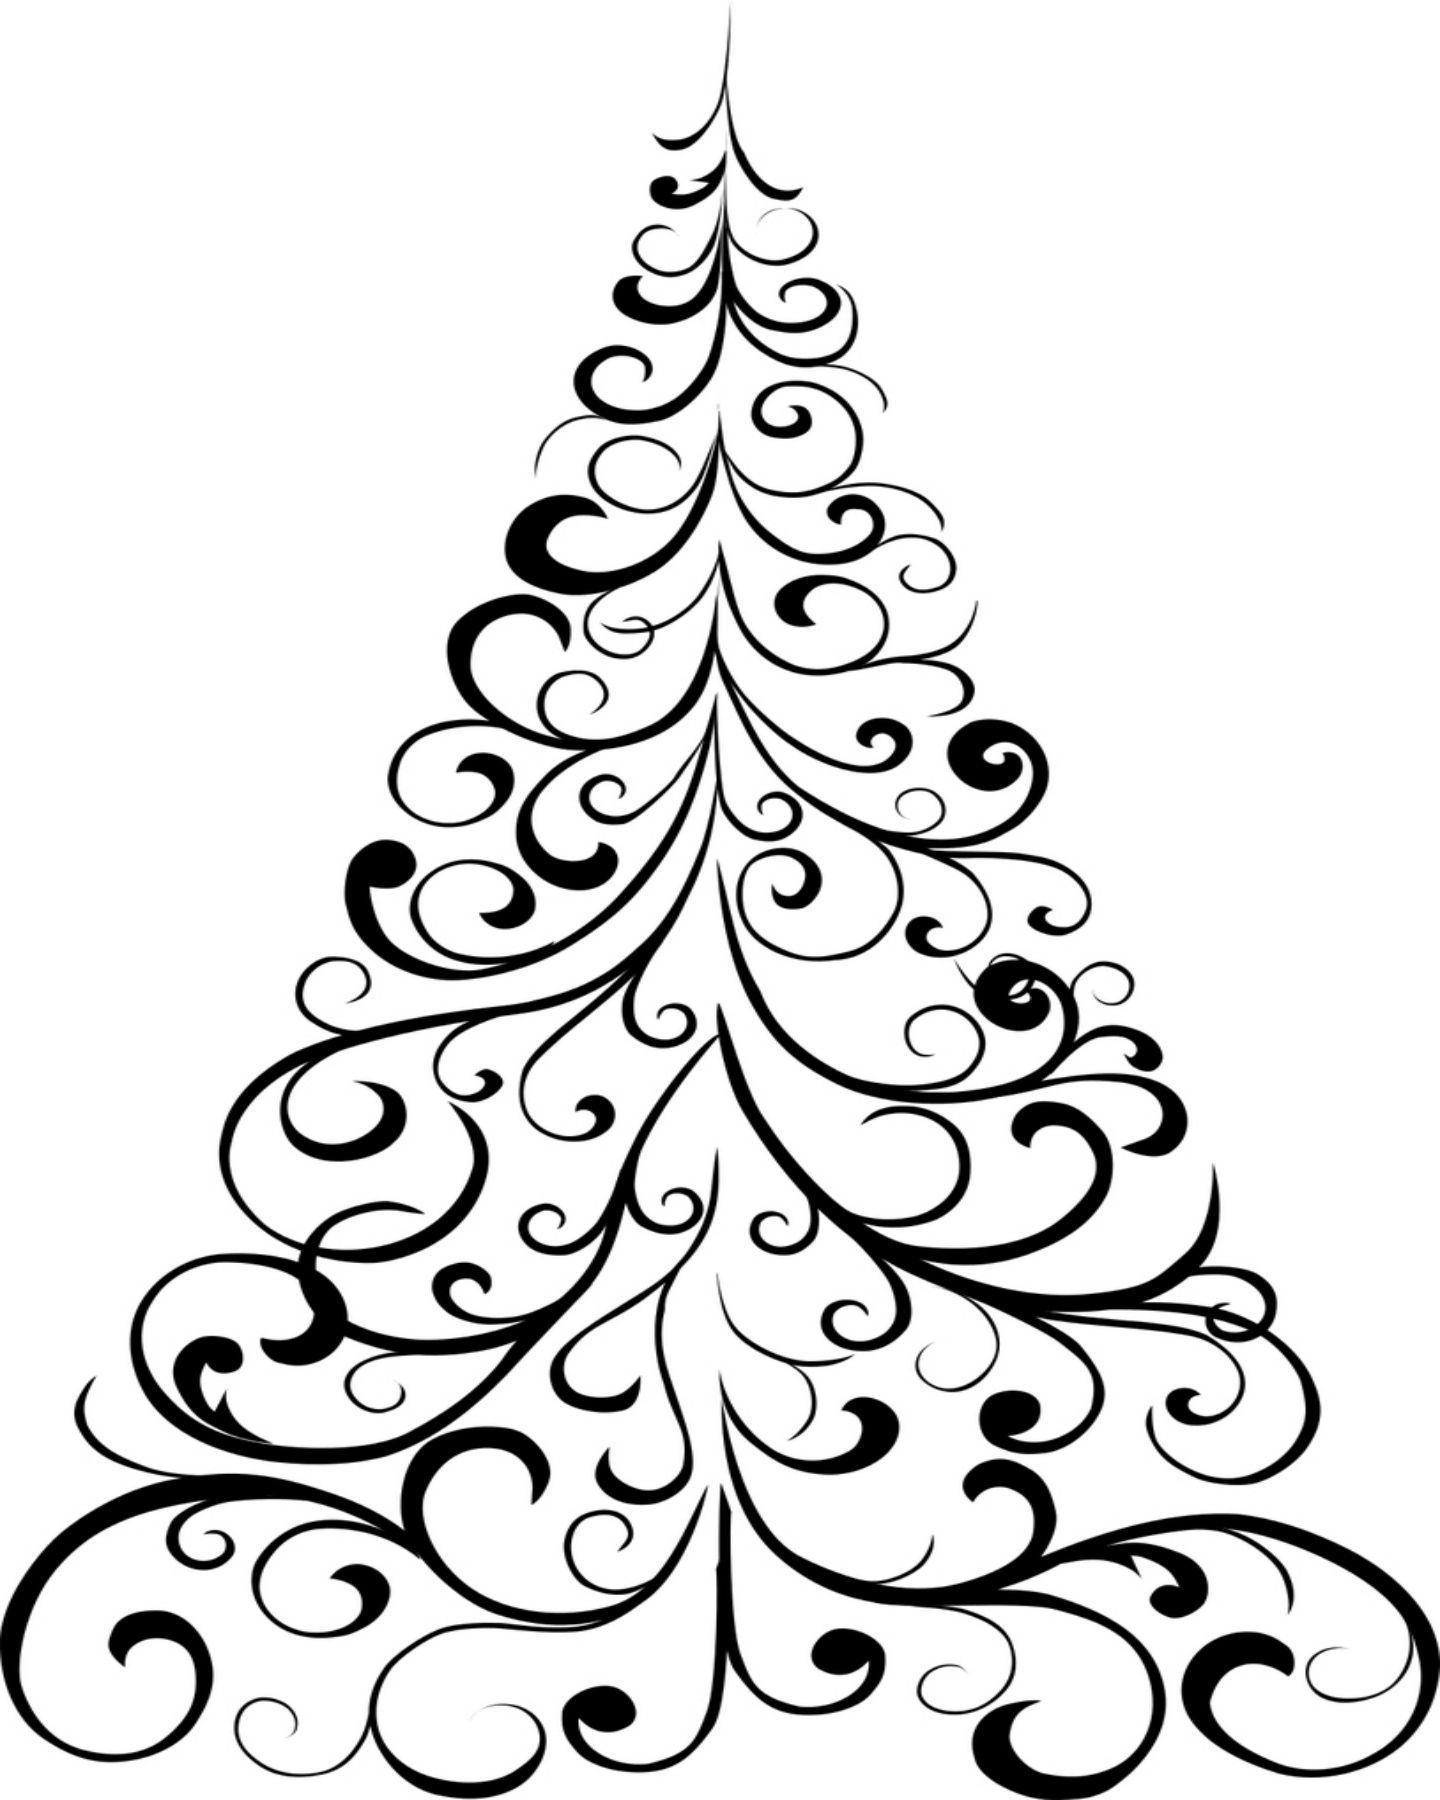 Free Printable Christmas Tree Coloring Page Christmas